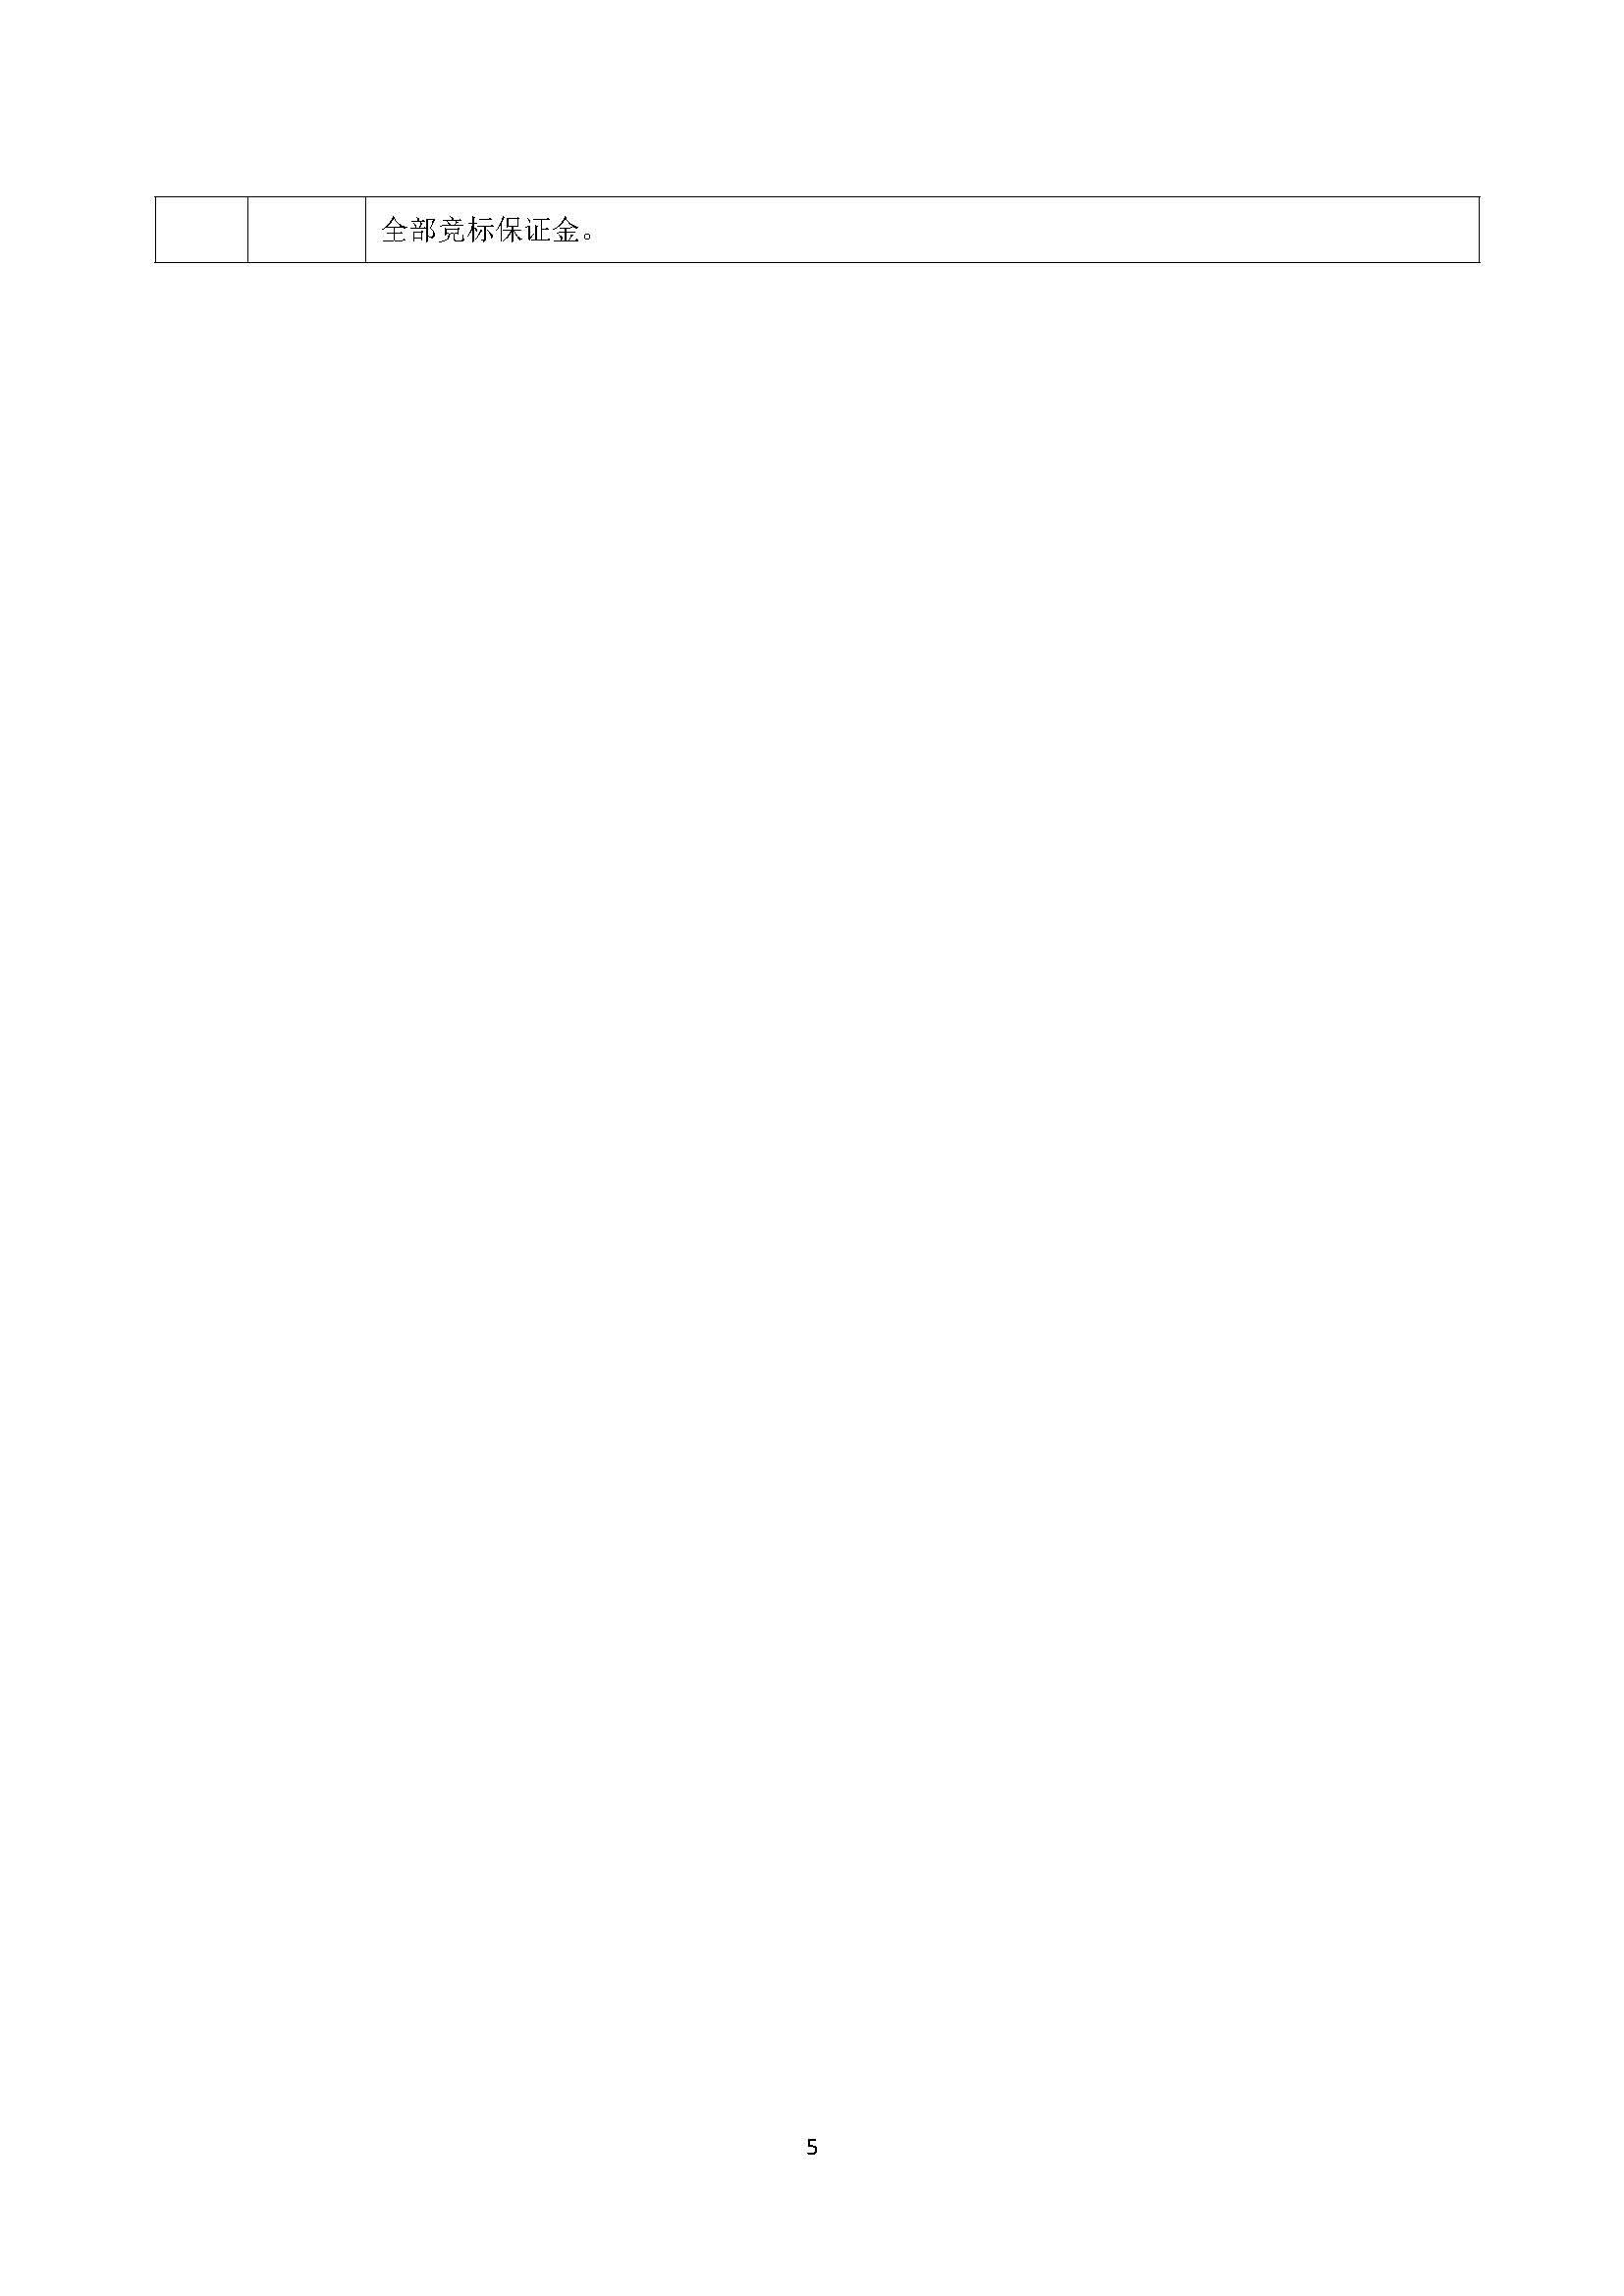 (确定)安徽快三基本走势图市政环卫园林绿化企业一体化面积测绘服务采购 竞争性谈判采购文件20200610(2)_页面_09.jpg